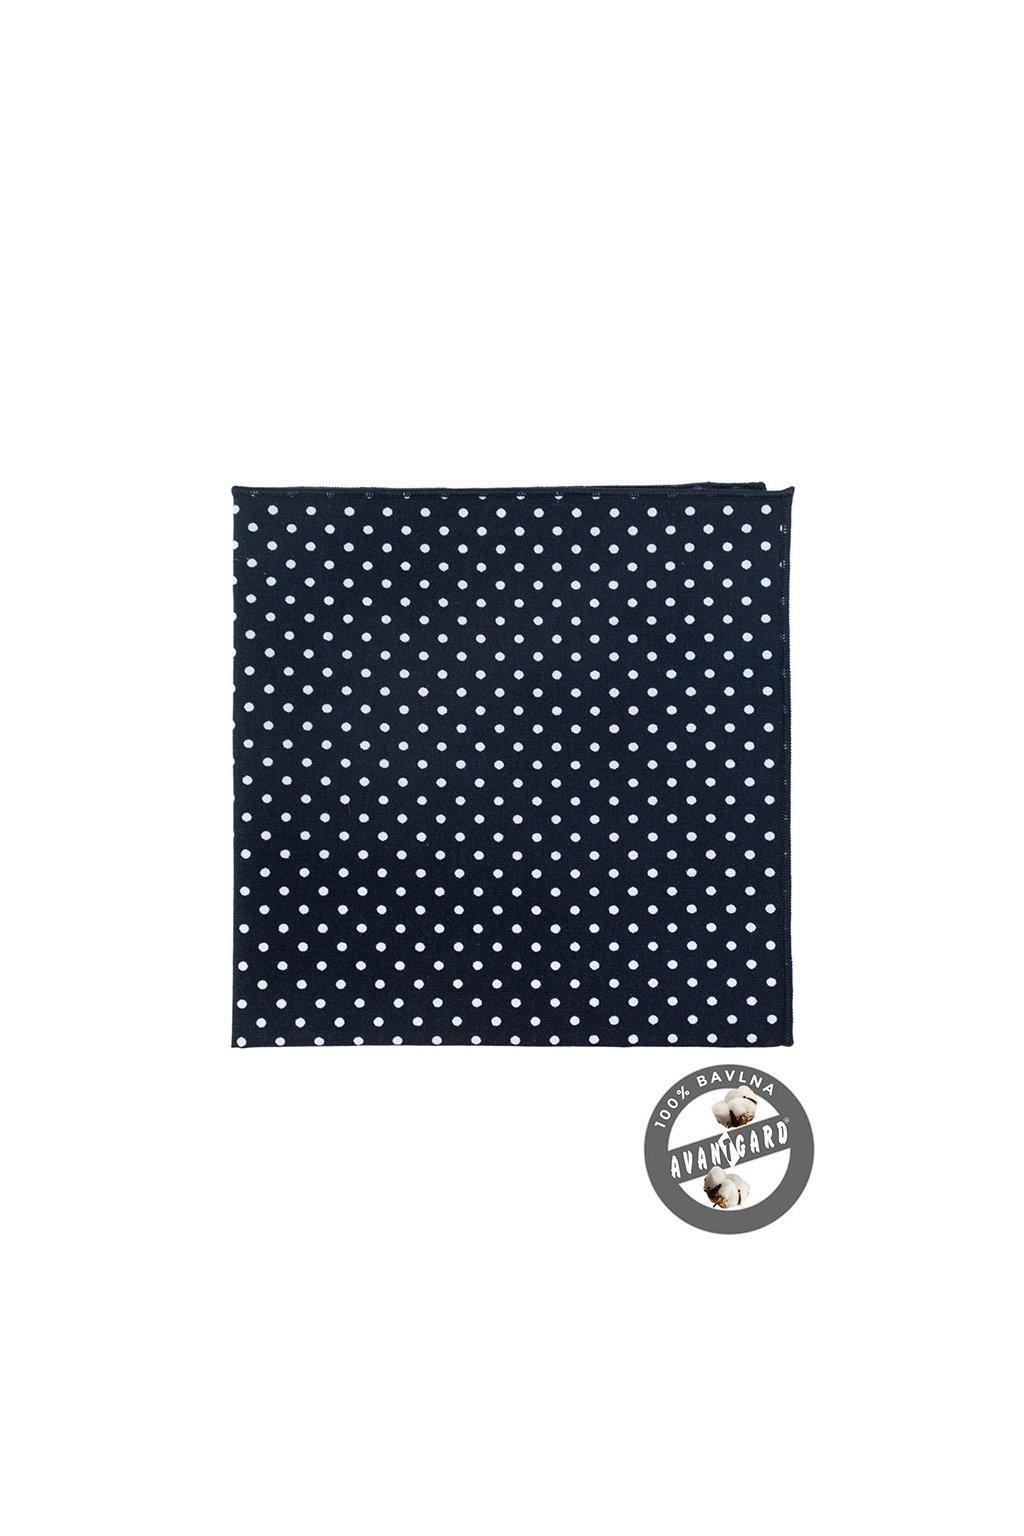 Kapesníček do saka LUX modrá s bílým puntíkem 583 - 5138